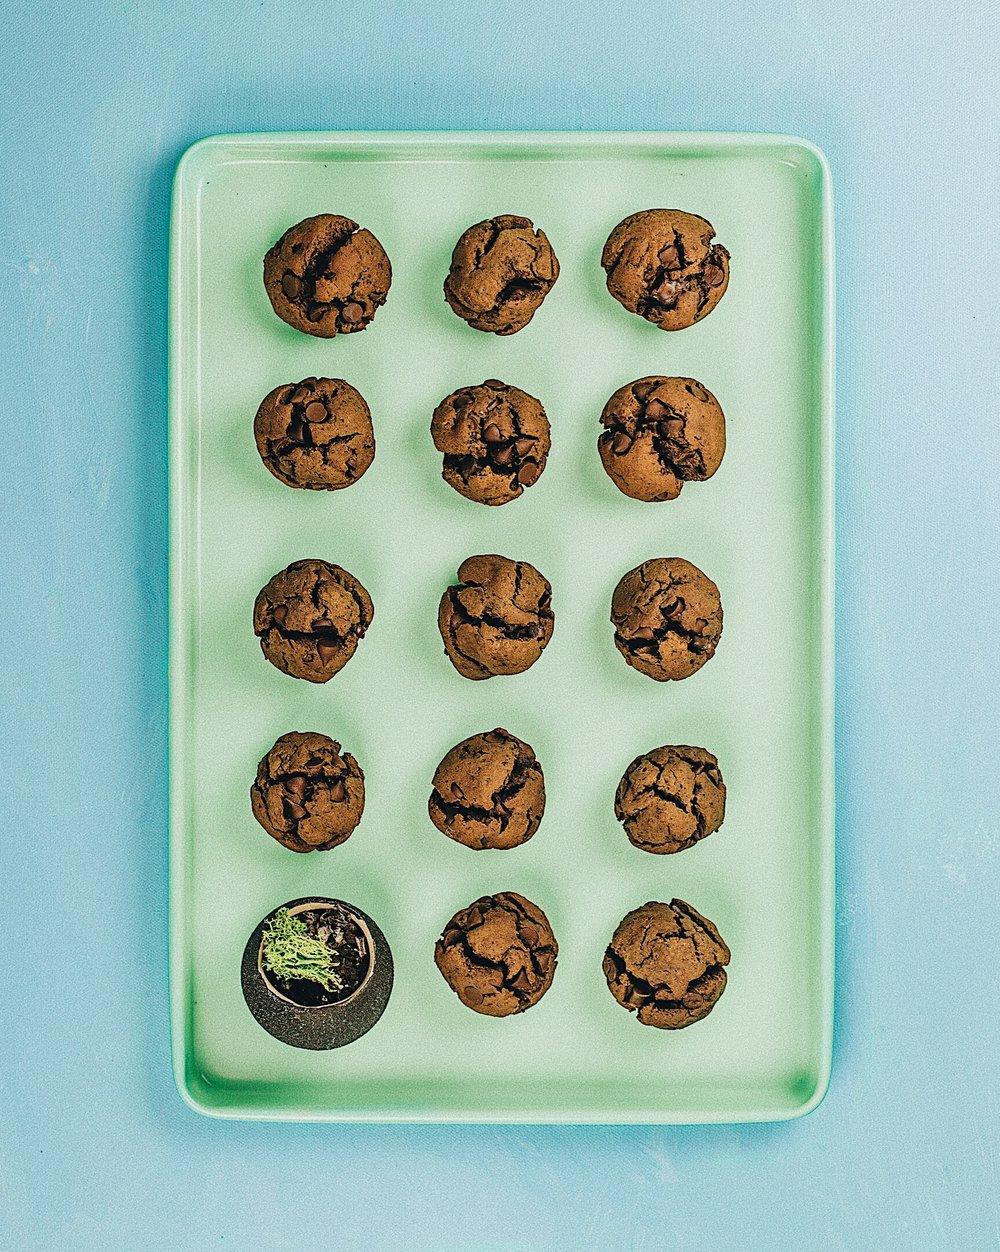 chocoaltecookies.jpg